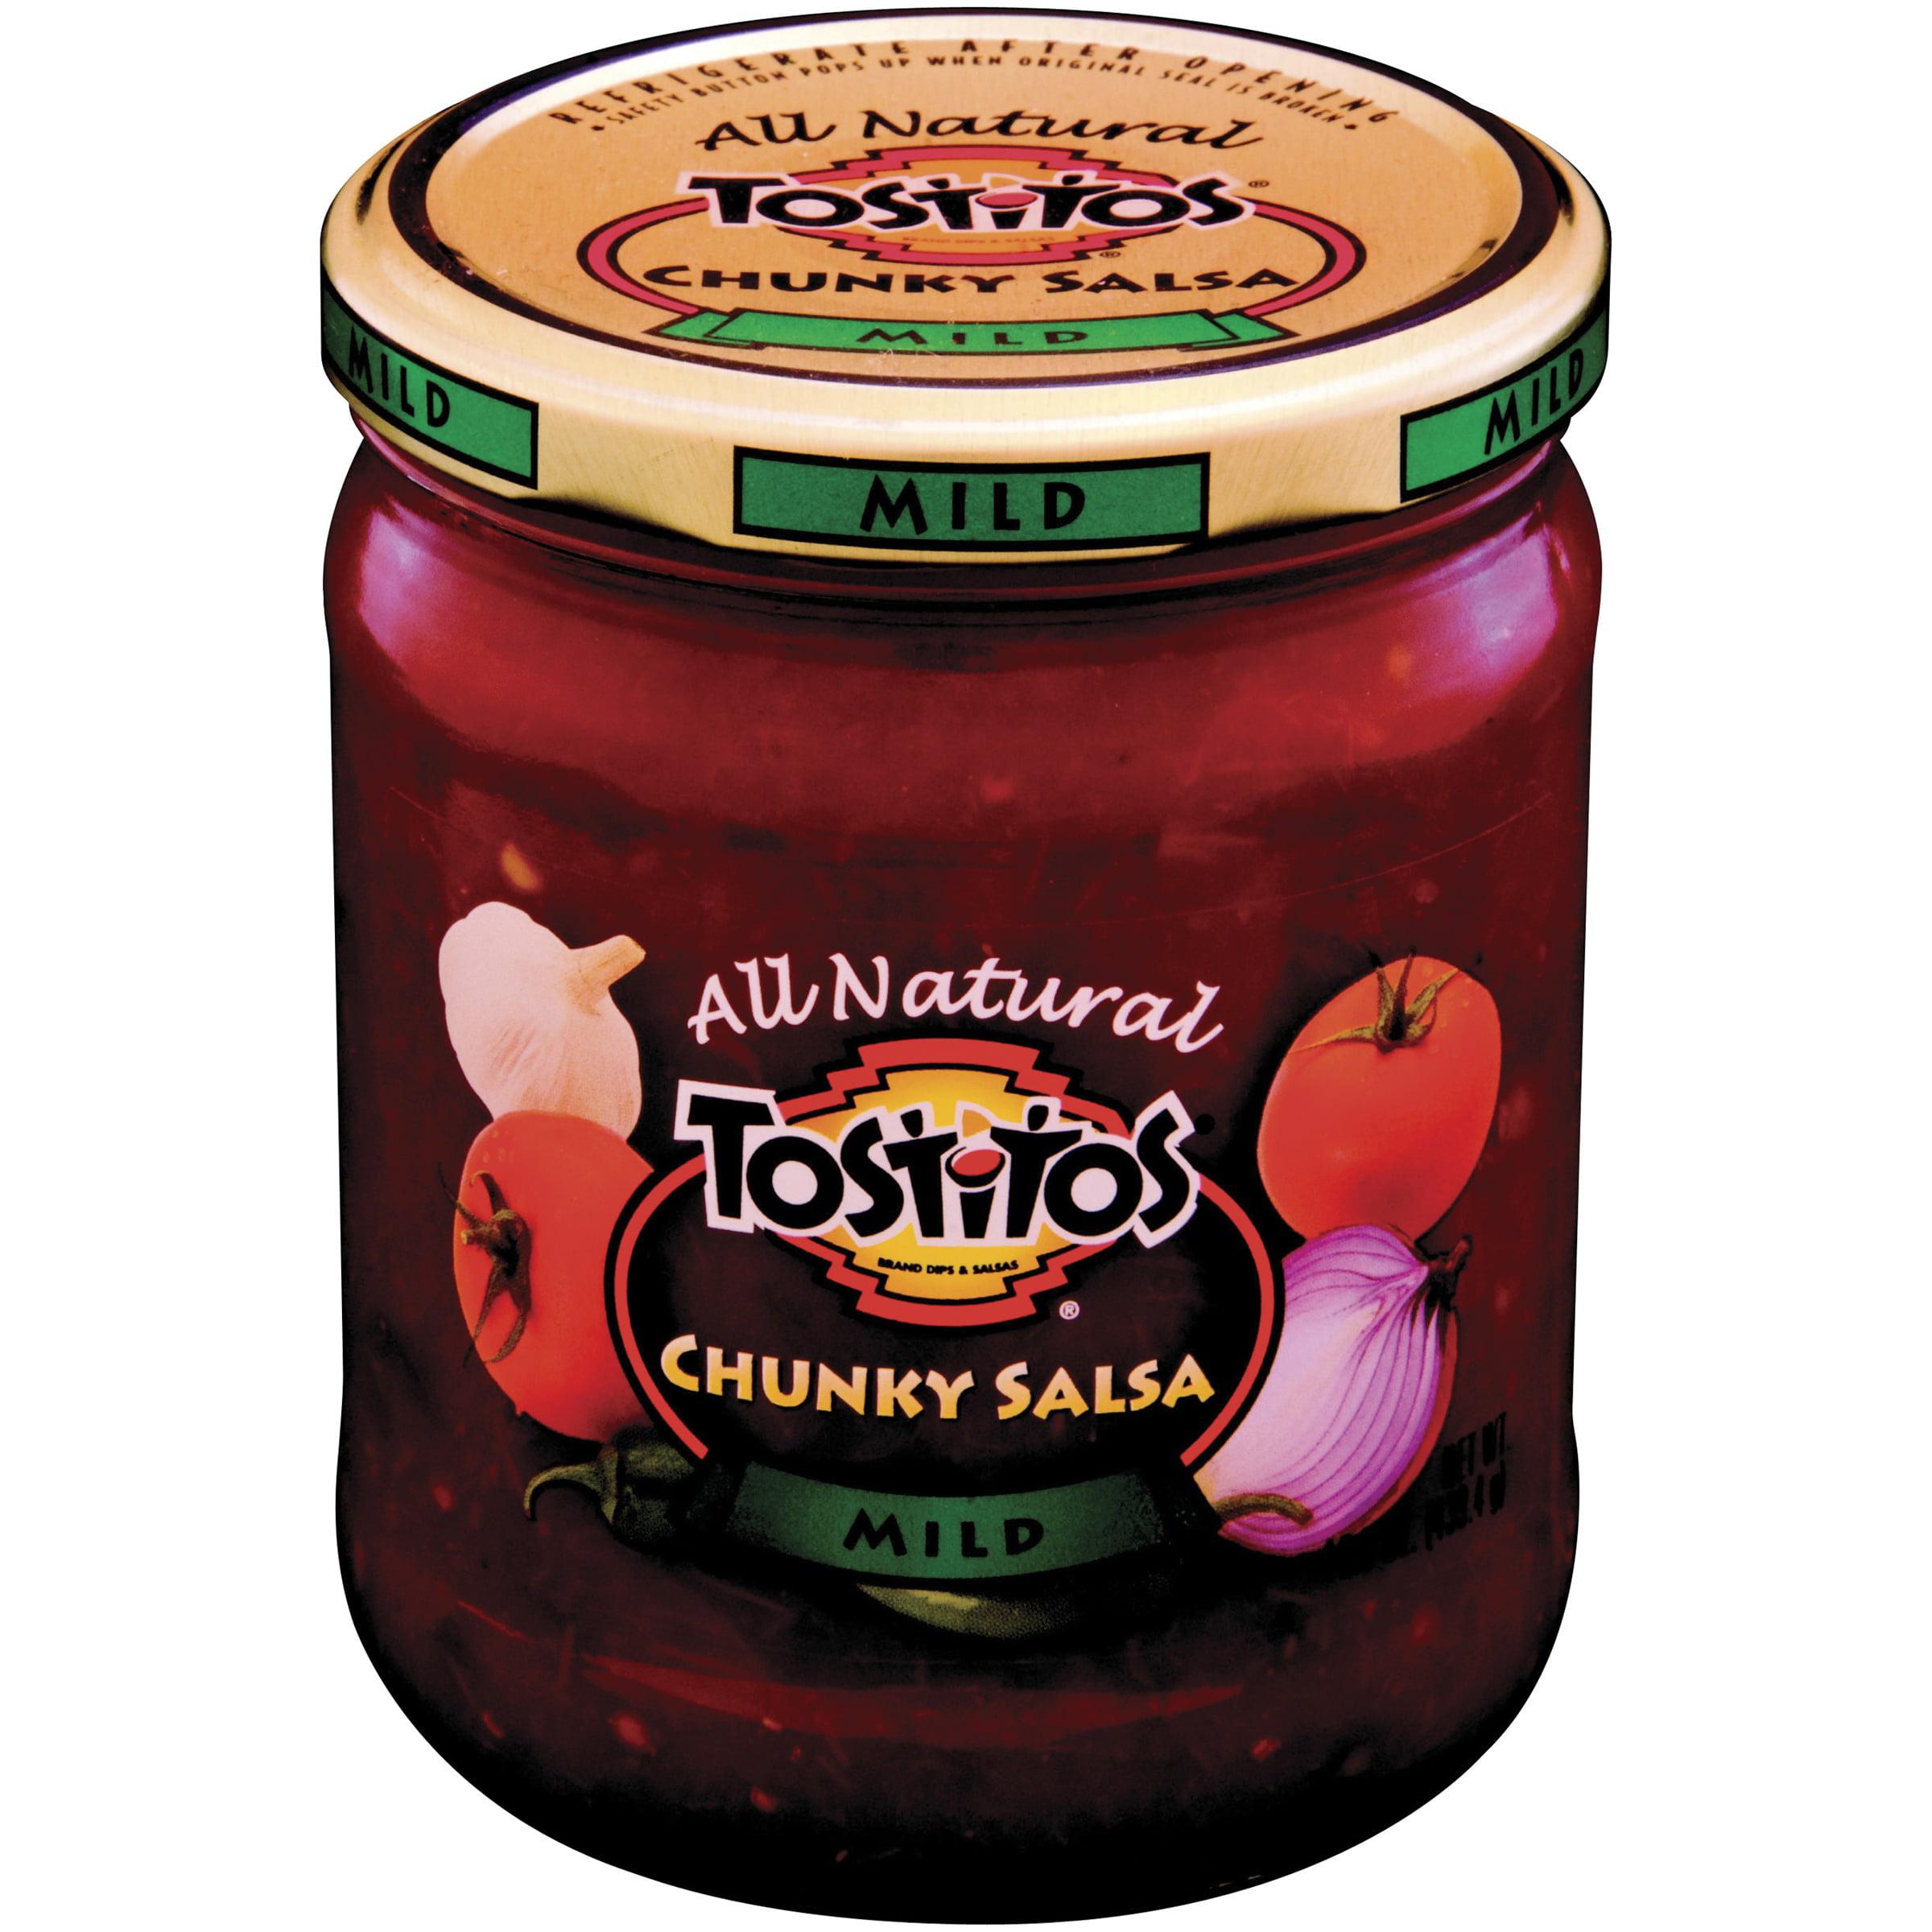 Tostitos® Chunky Salsa, Mild, 15.5 oz. Jar